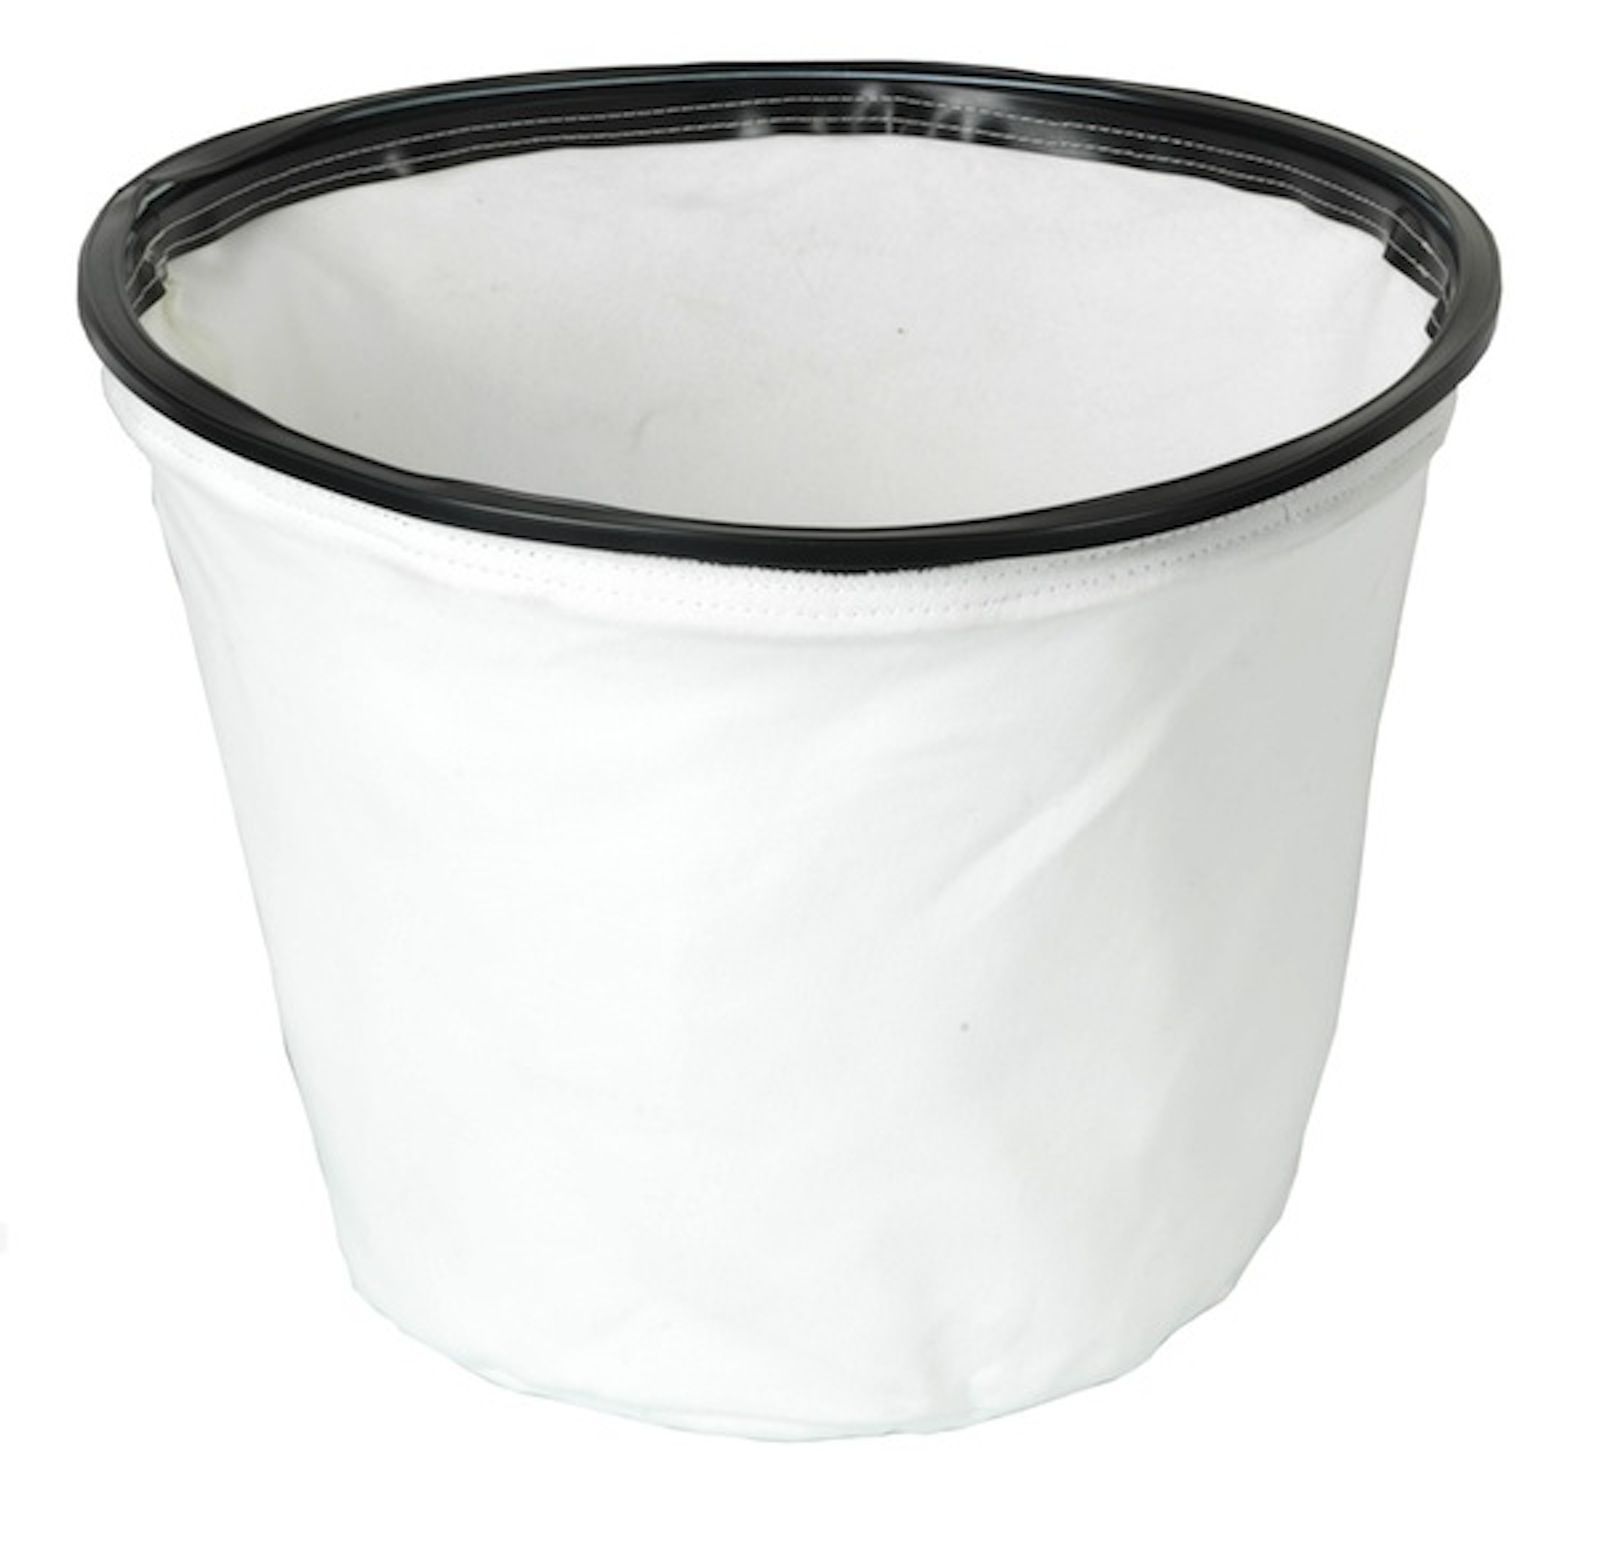 filtre pour aspirateur eau poussiere aspirix 60l pro. Black Bedroom Furniture Sets. Home Design Ideas